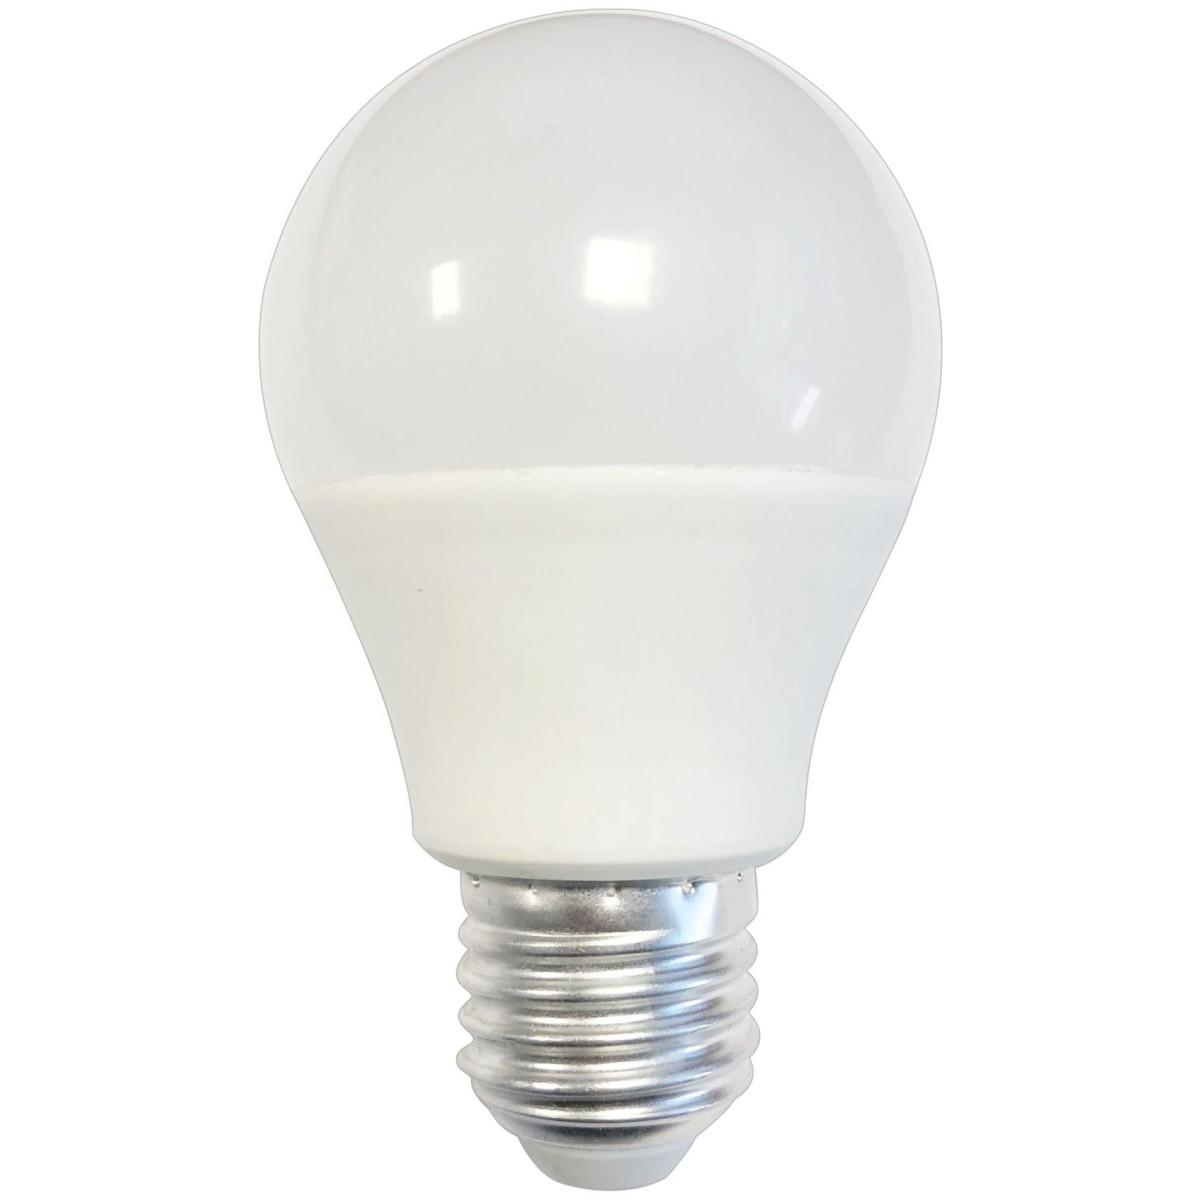 Лампа Ecola light светодионая E27 11.50 Вт груша 740 Лм нейтральный свет